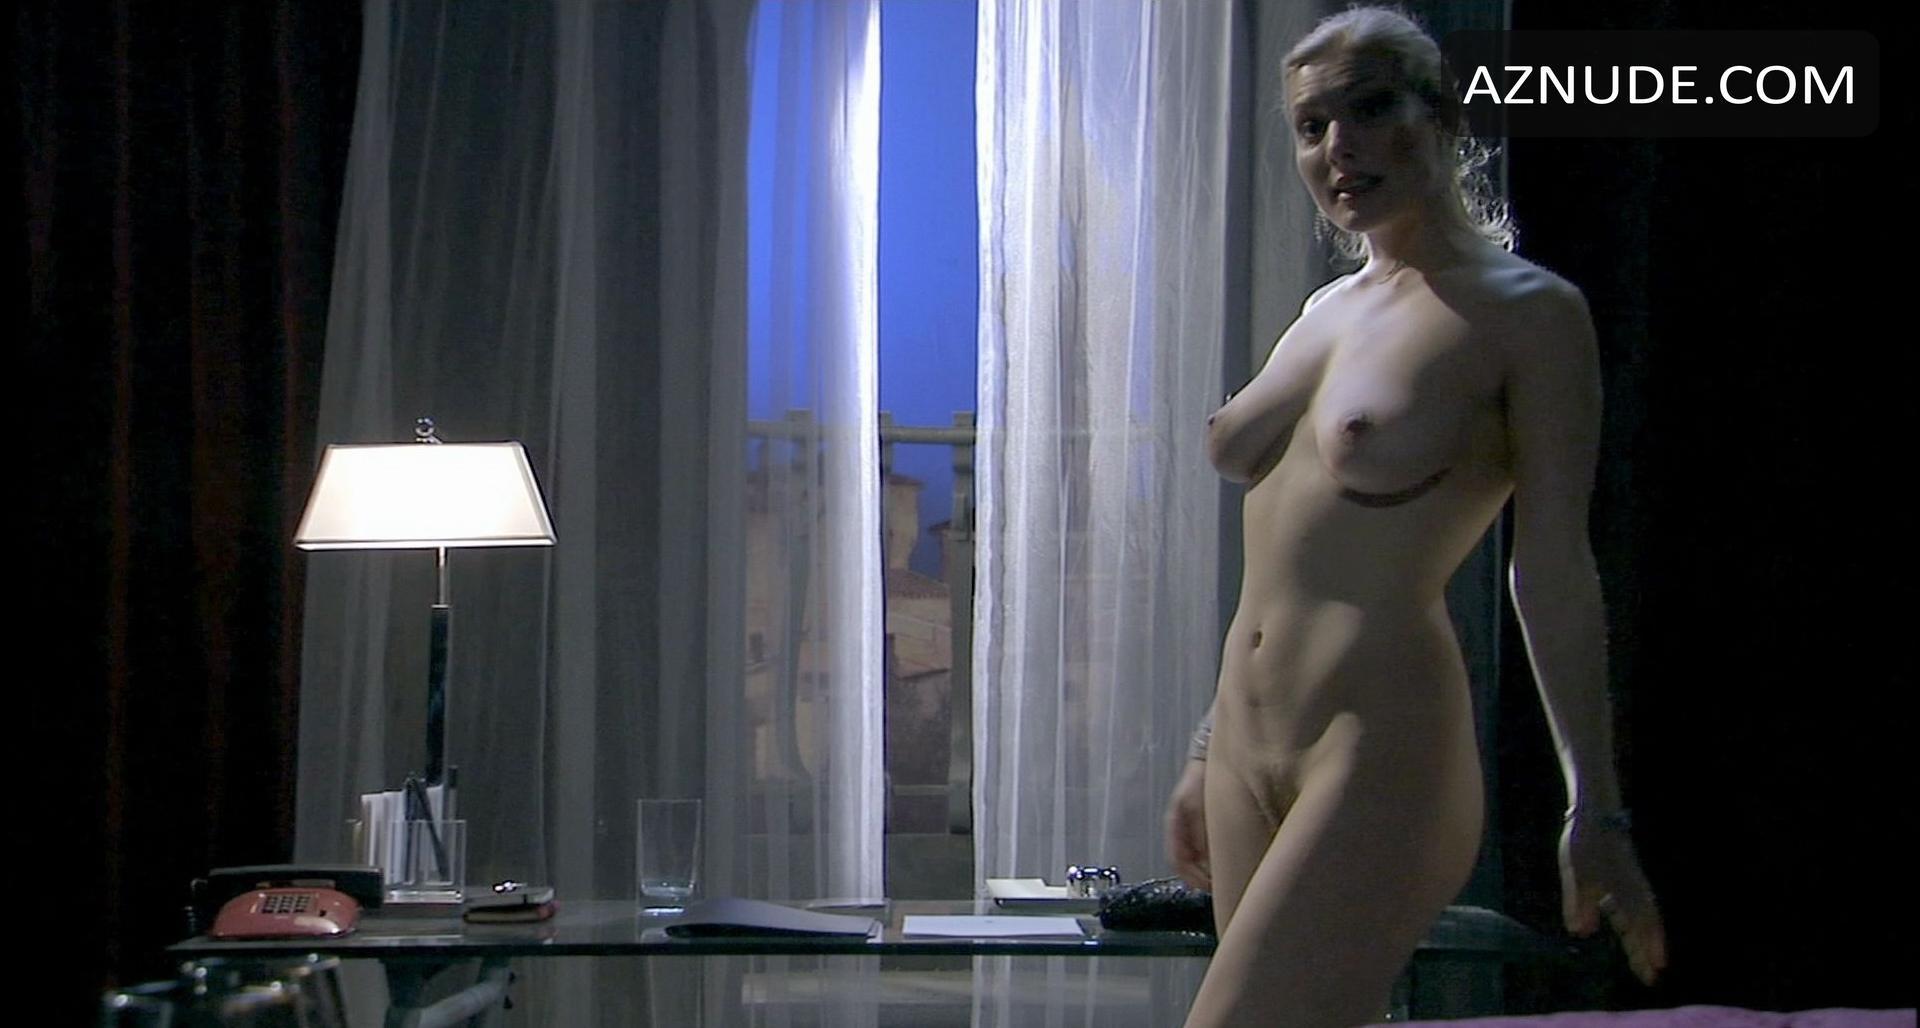 image Kristen stewart sex scene Part 4